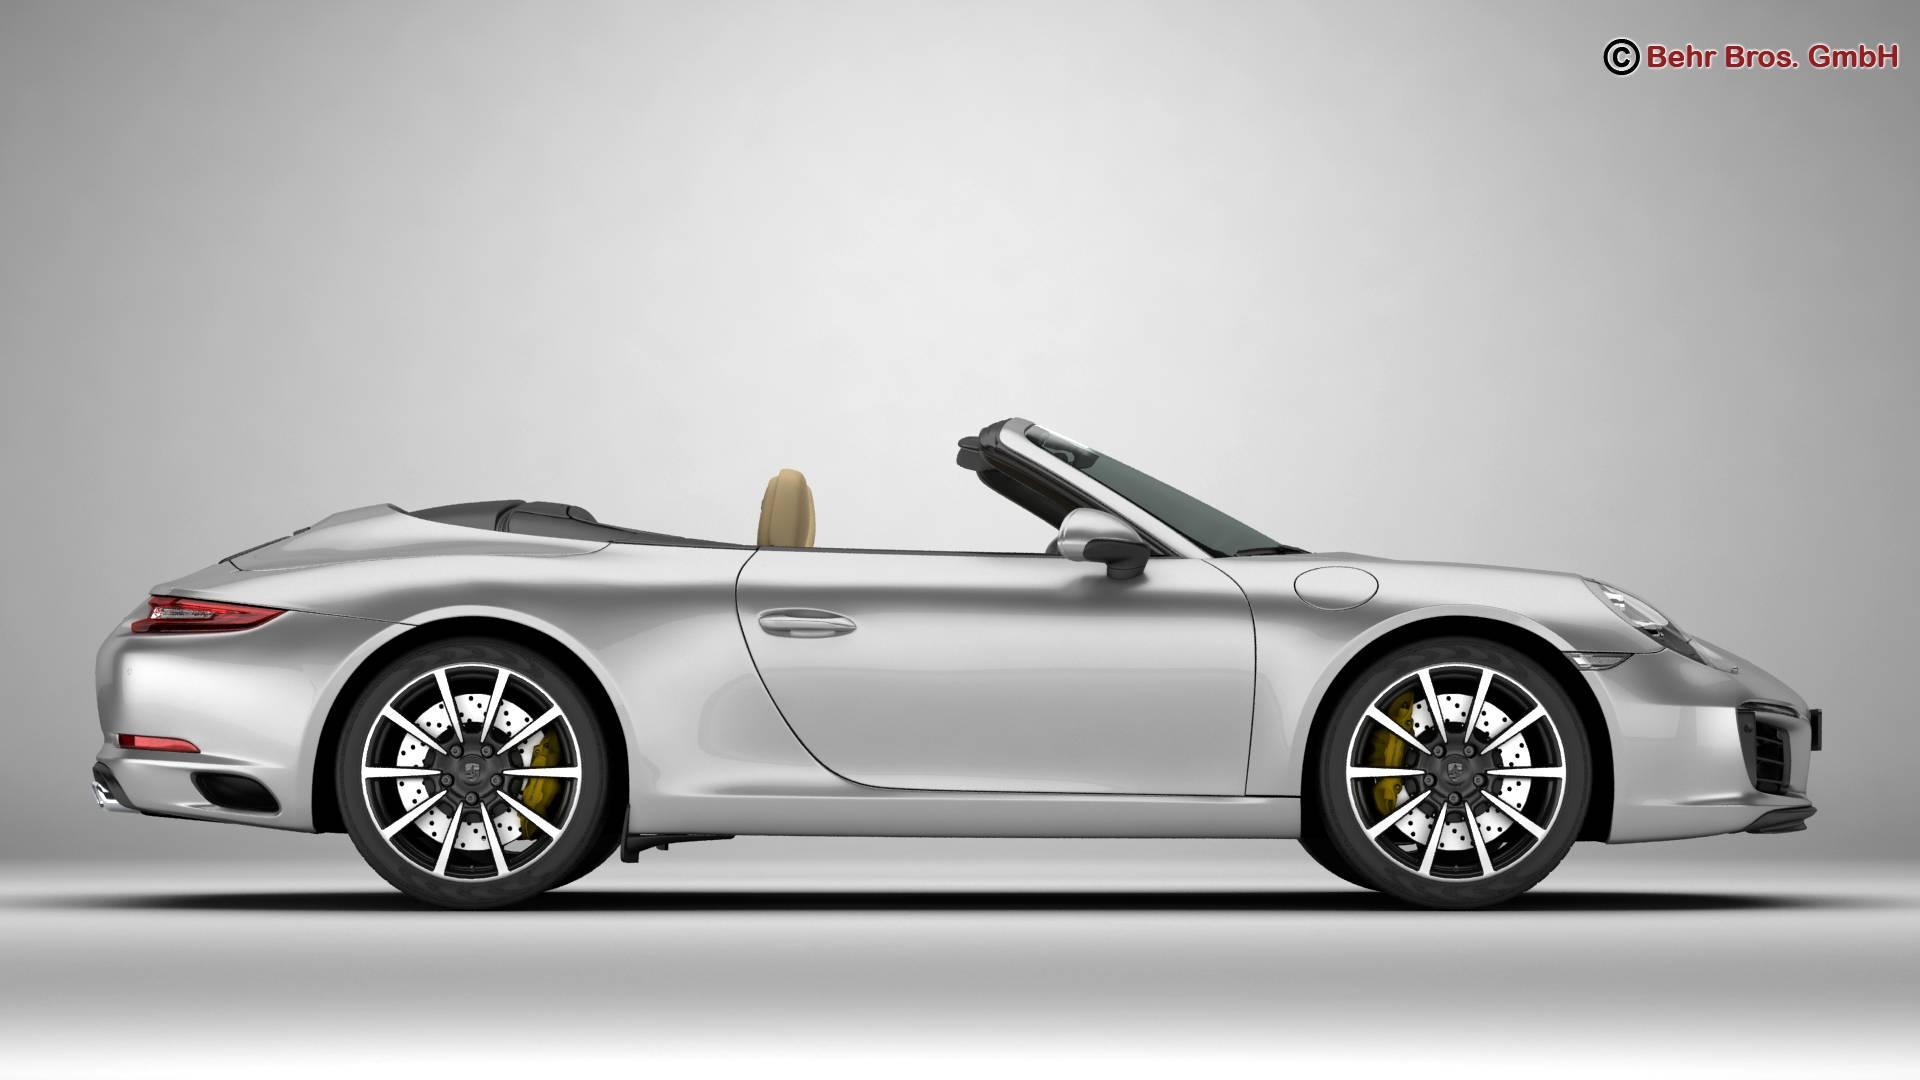 porsche 911 carrera cabriolet 2017 3d líkan 3ds max fbx c4d lwo ma mb obj 220794